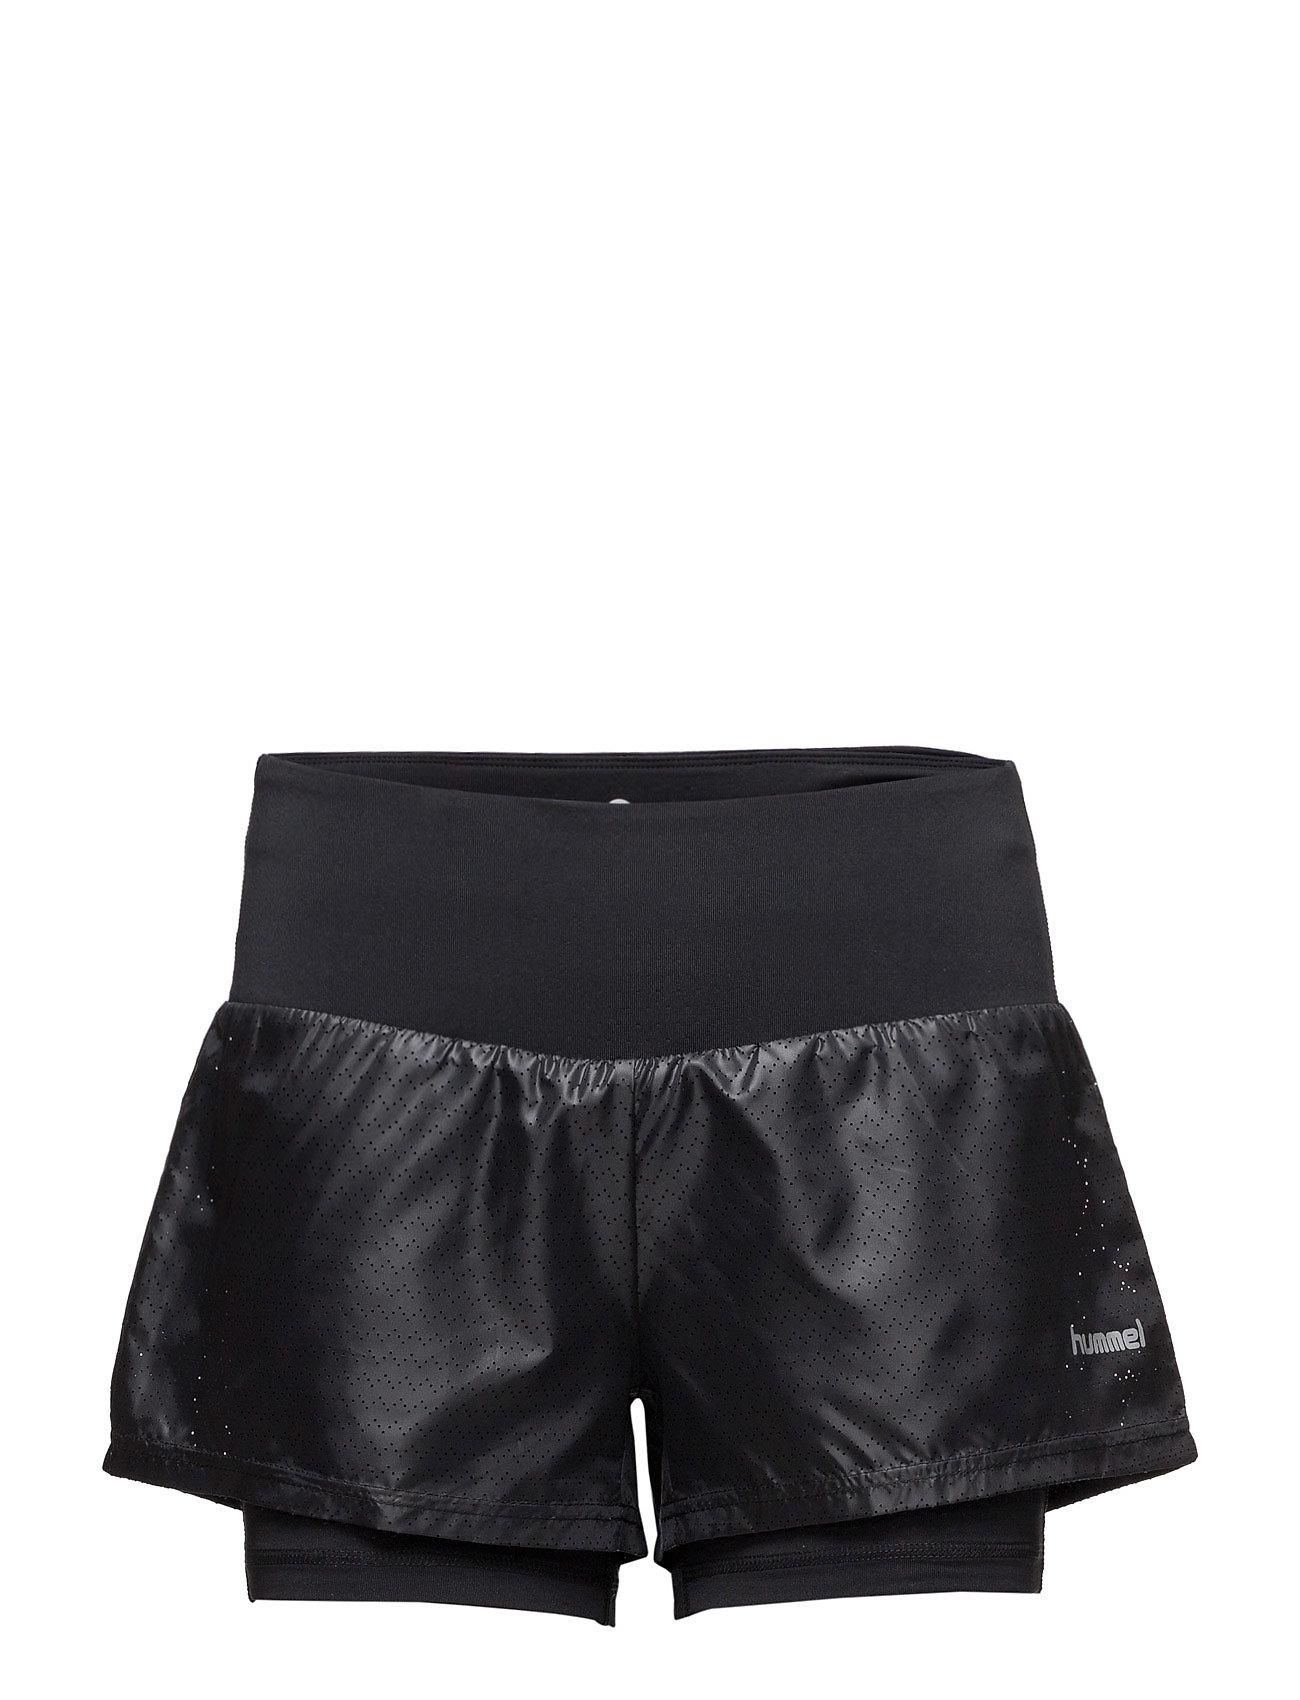 d5de17617686 Køb Betsy Shorts Hummel Sportstøj i Sort til Kvinder i en online ...